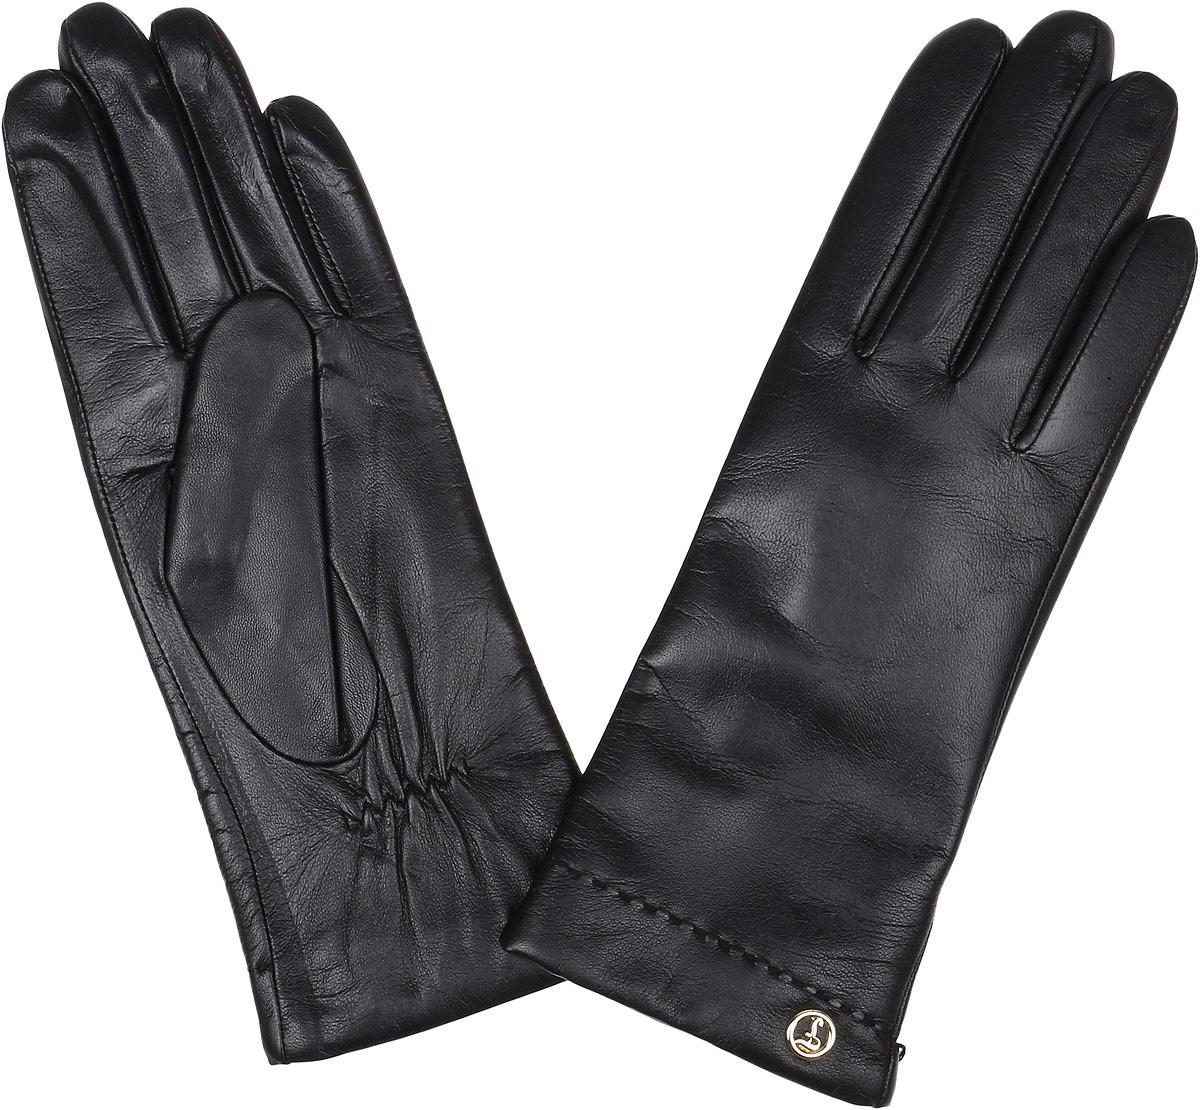 Перчатки женские Fabretti, цвет: черный. 12.9-12. Размер 6,512.9-12_navyЭлегантные женские перчатки Fabretti станут великолепным дополнением вашего образа и защитят ваши руки от холода и ветра во время прогулок. Перчатки выполнены из натуральной кожи ягненка. Модель декорирована стильной металлической пластиной с названием бренда. Такие перчатки будут оригинальным завершающим штрихом в создании современного модного образа, они подчеркнут ваш изысканный вкус и станут незаменимым и практичным аксессуаром.